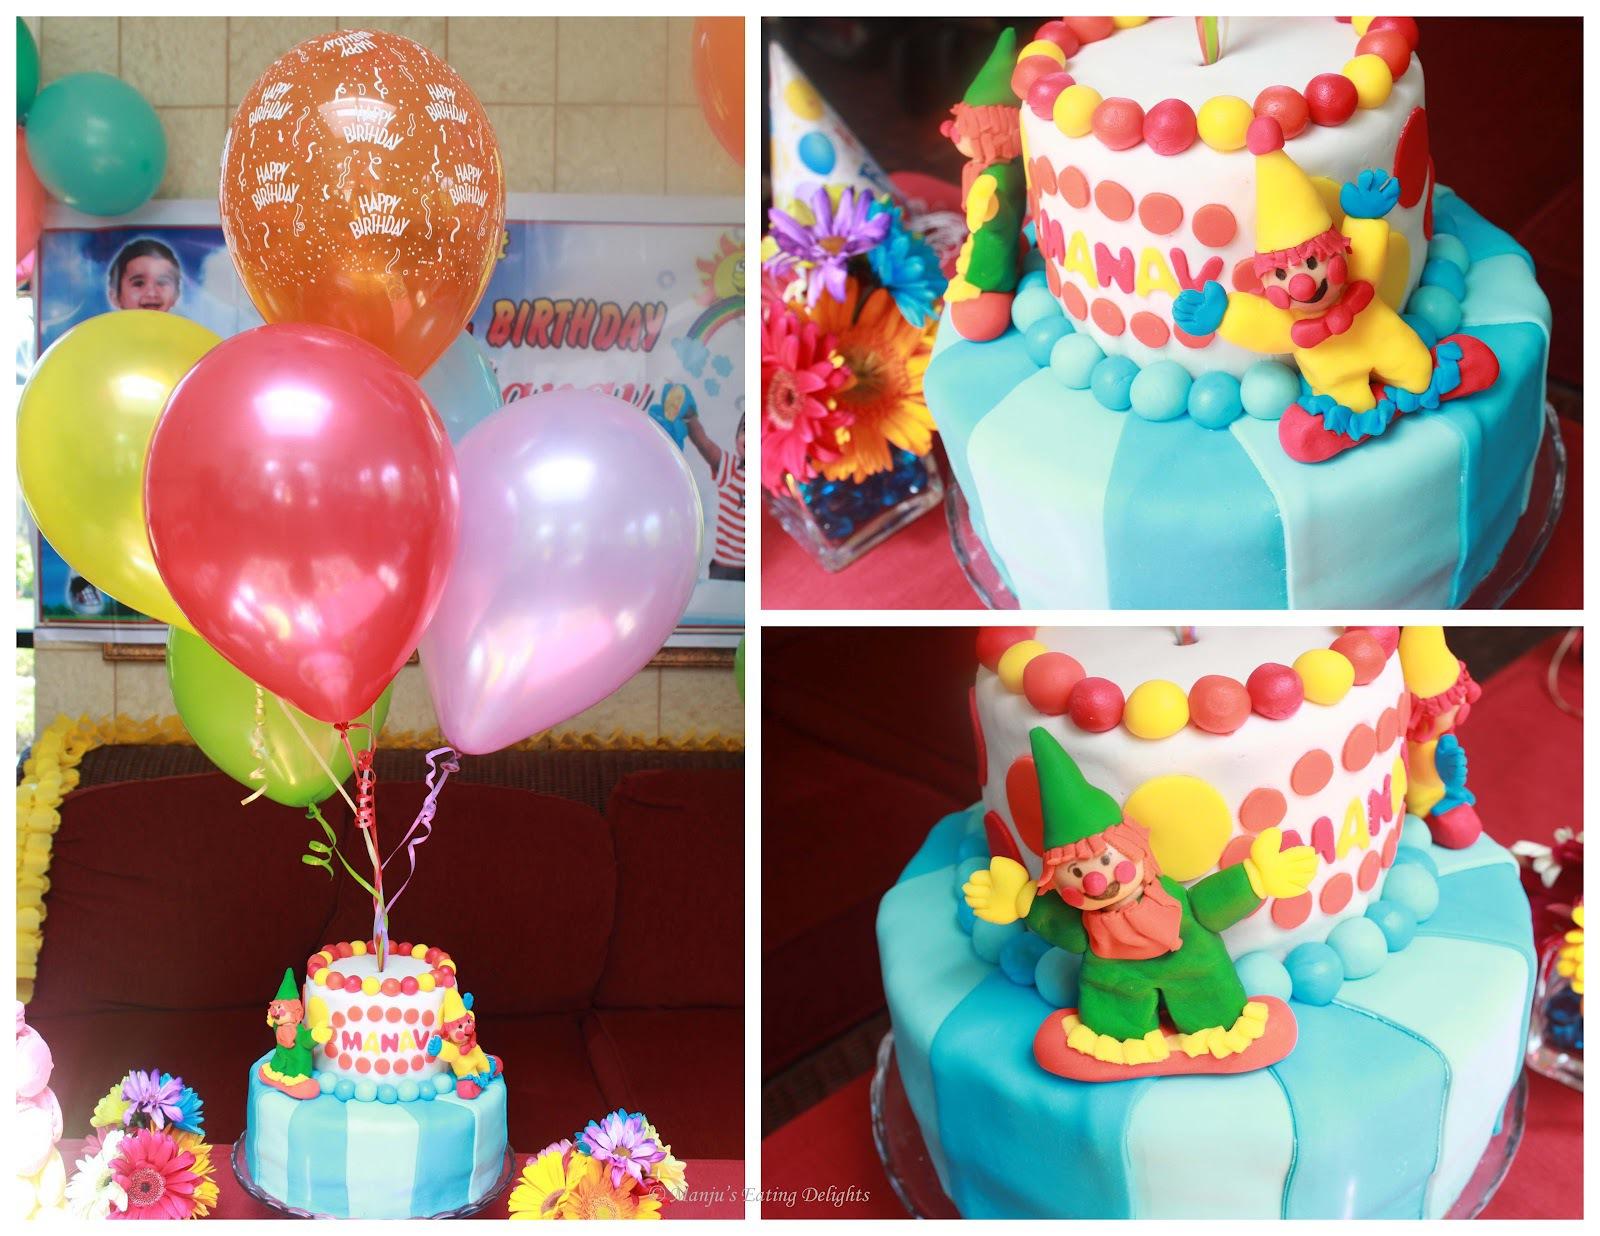 Фотографии торта на день рождения - С Днем Рождения поздравительные картинки